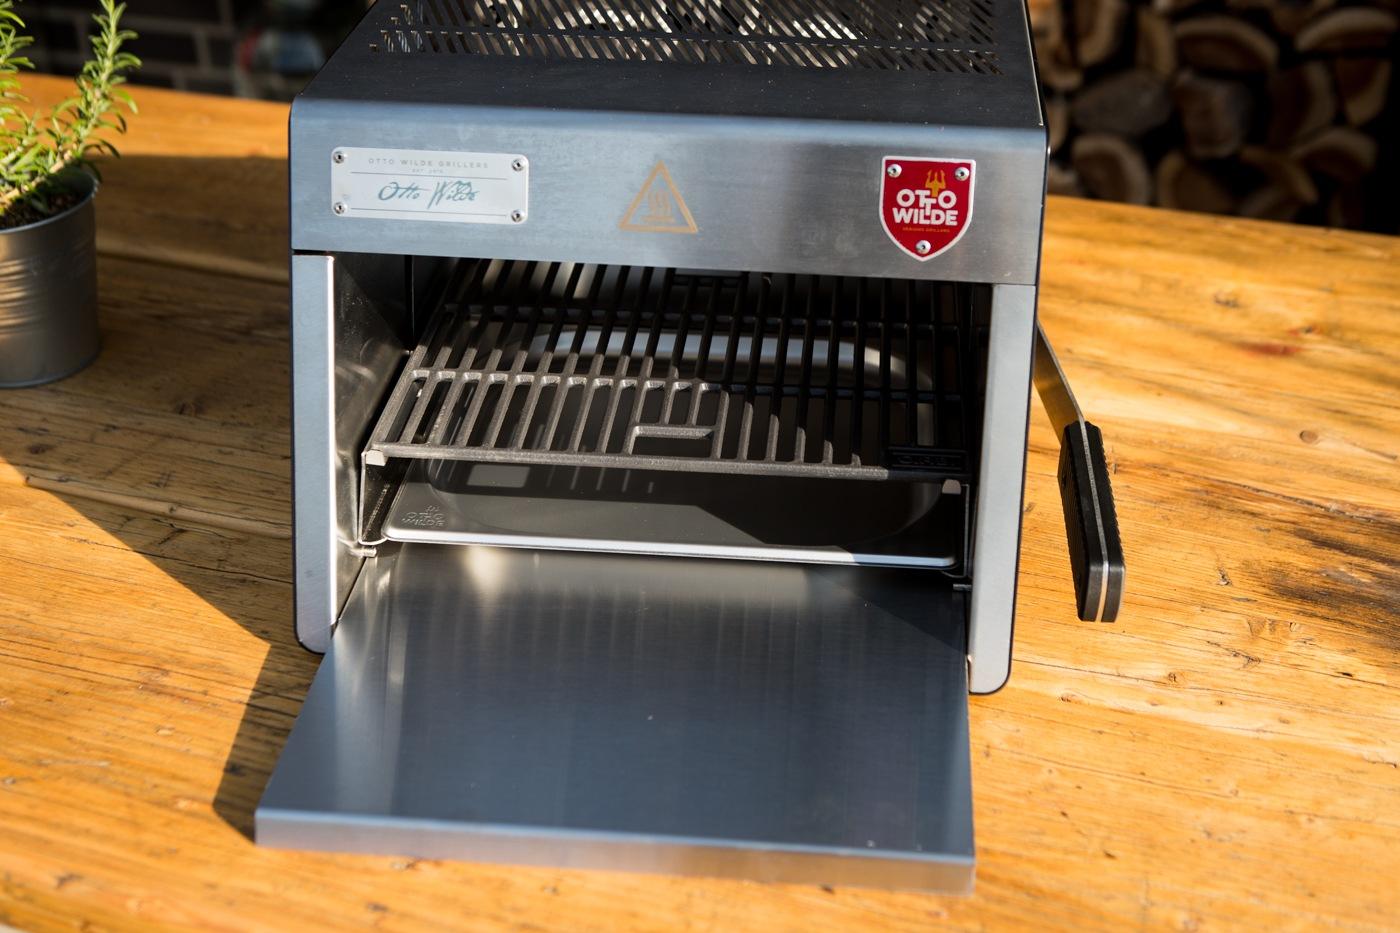 Outdoorküche Klein Test : Outdoor küche test ikea küche sideboard tische schubladeneinsatz